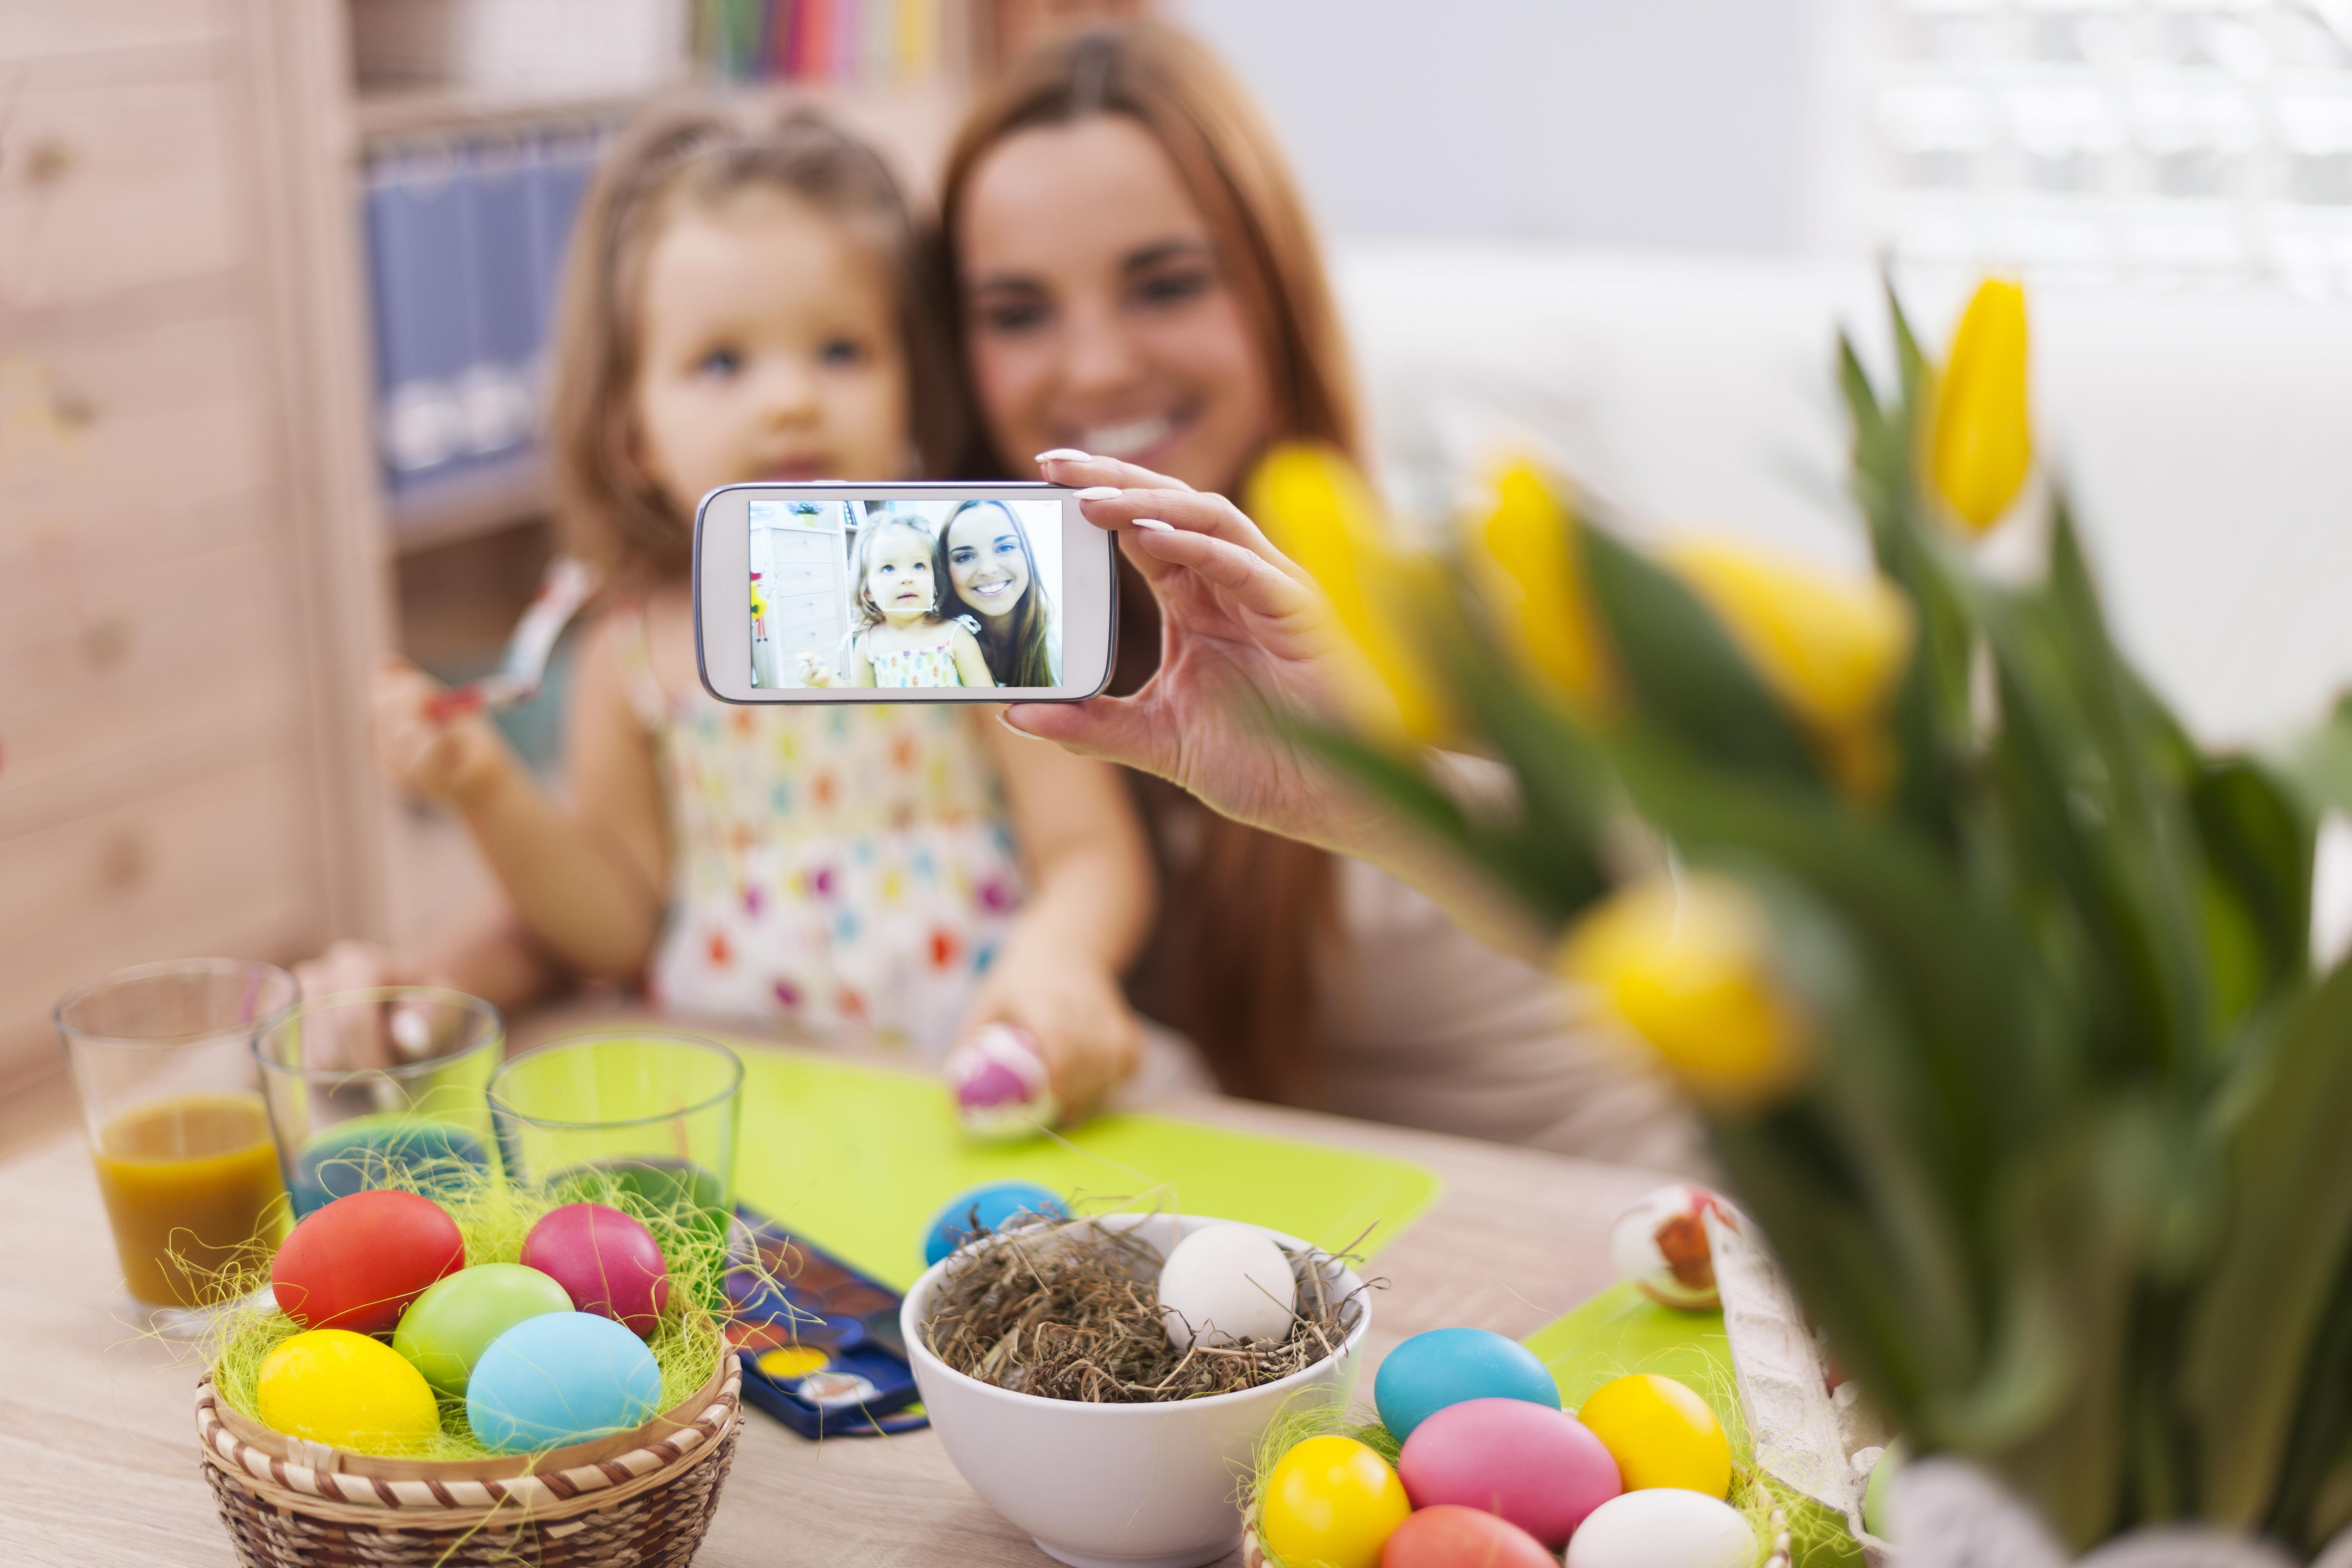 Великден Топ 5 приложения за Великден А1 Блог